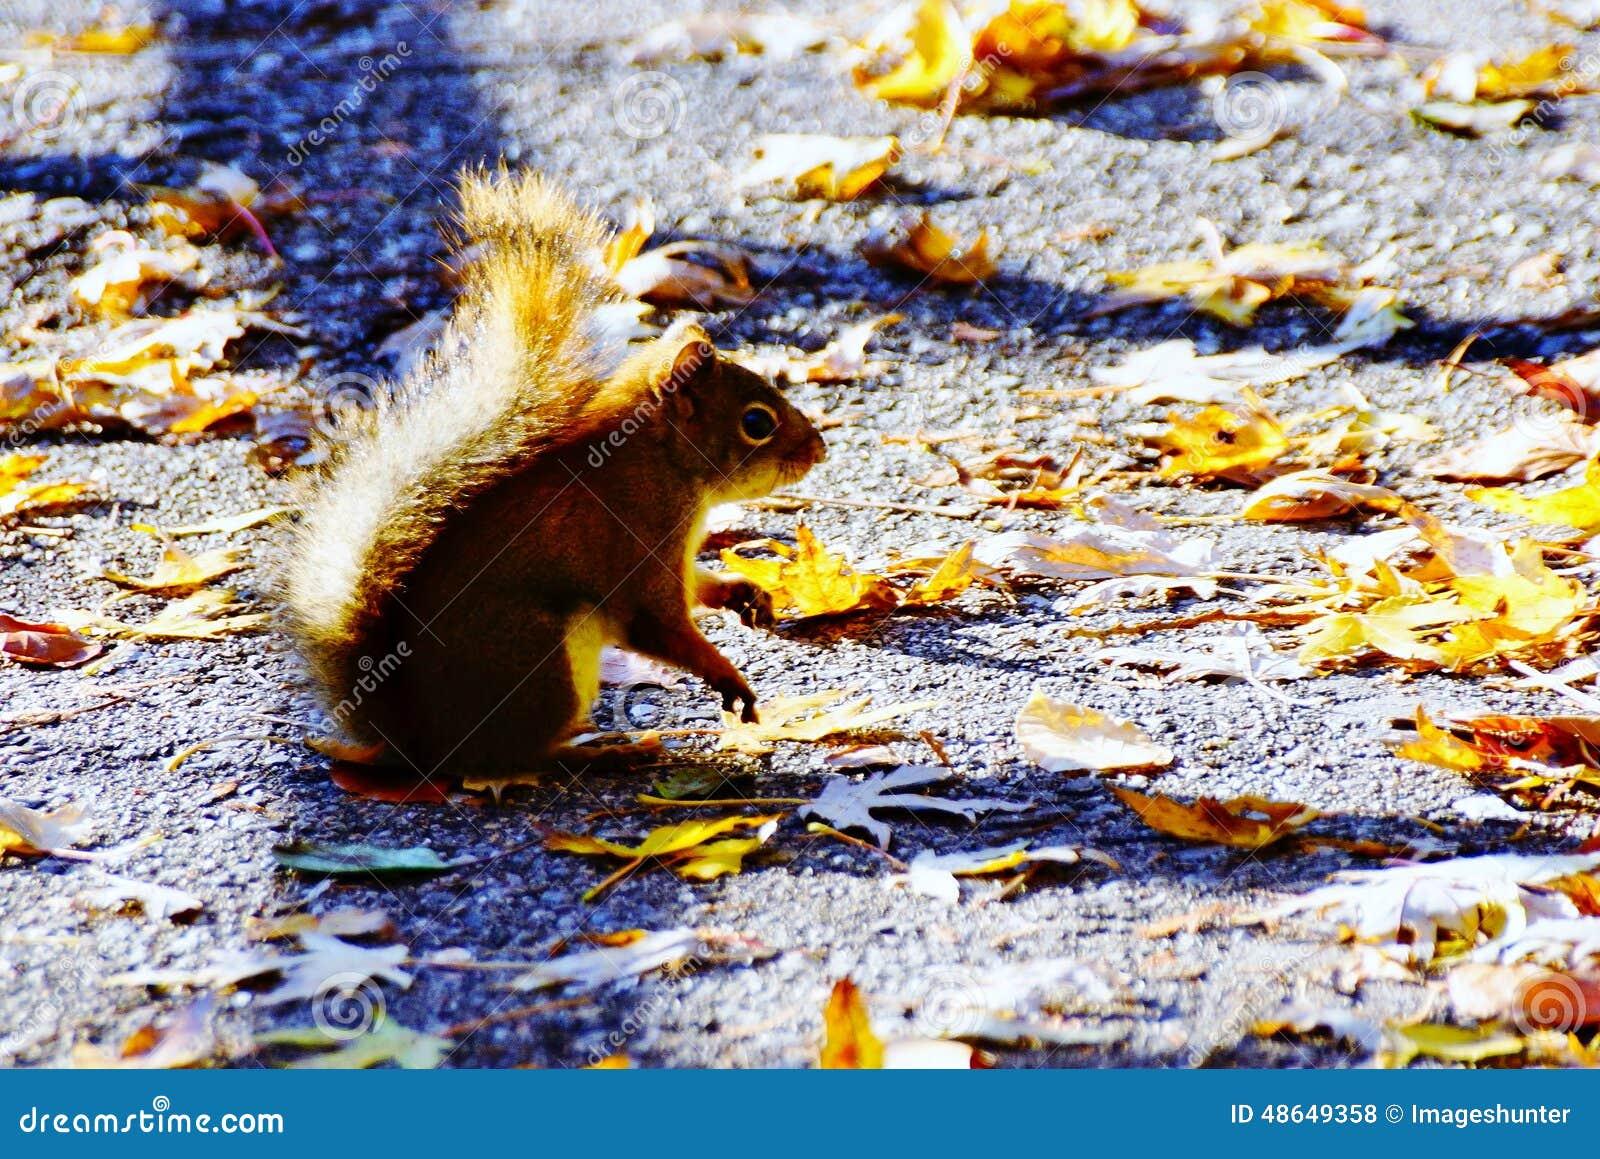 Baby Squirrel in Autumn